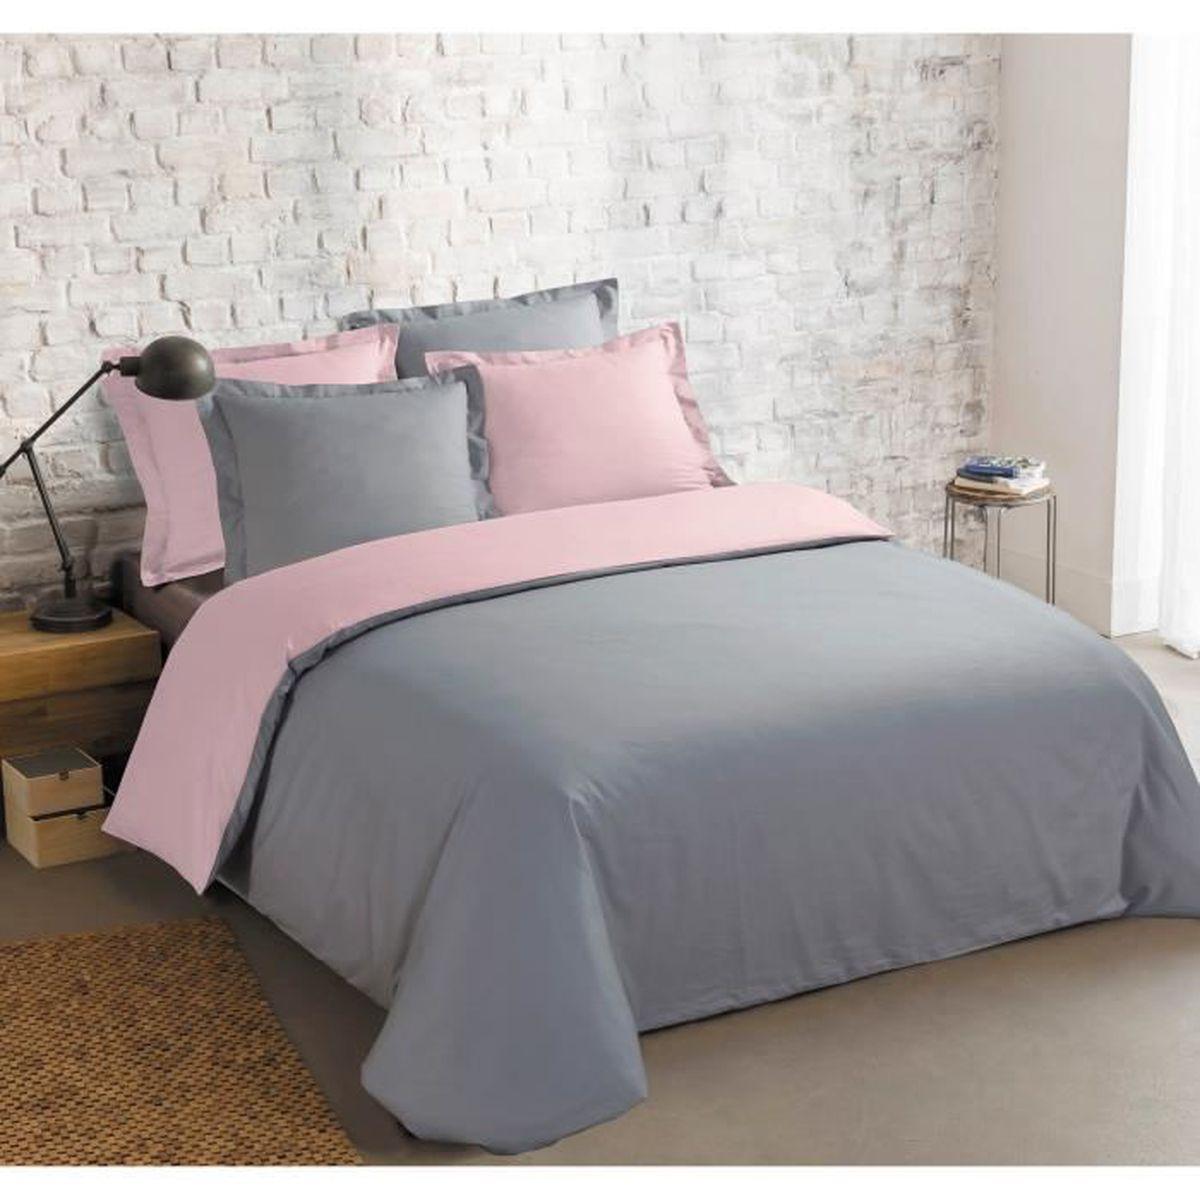 housse de couette gris affordable housse de couette gris. Black Bedroom Furniture Sets. Home Design Ideas